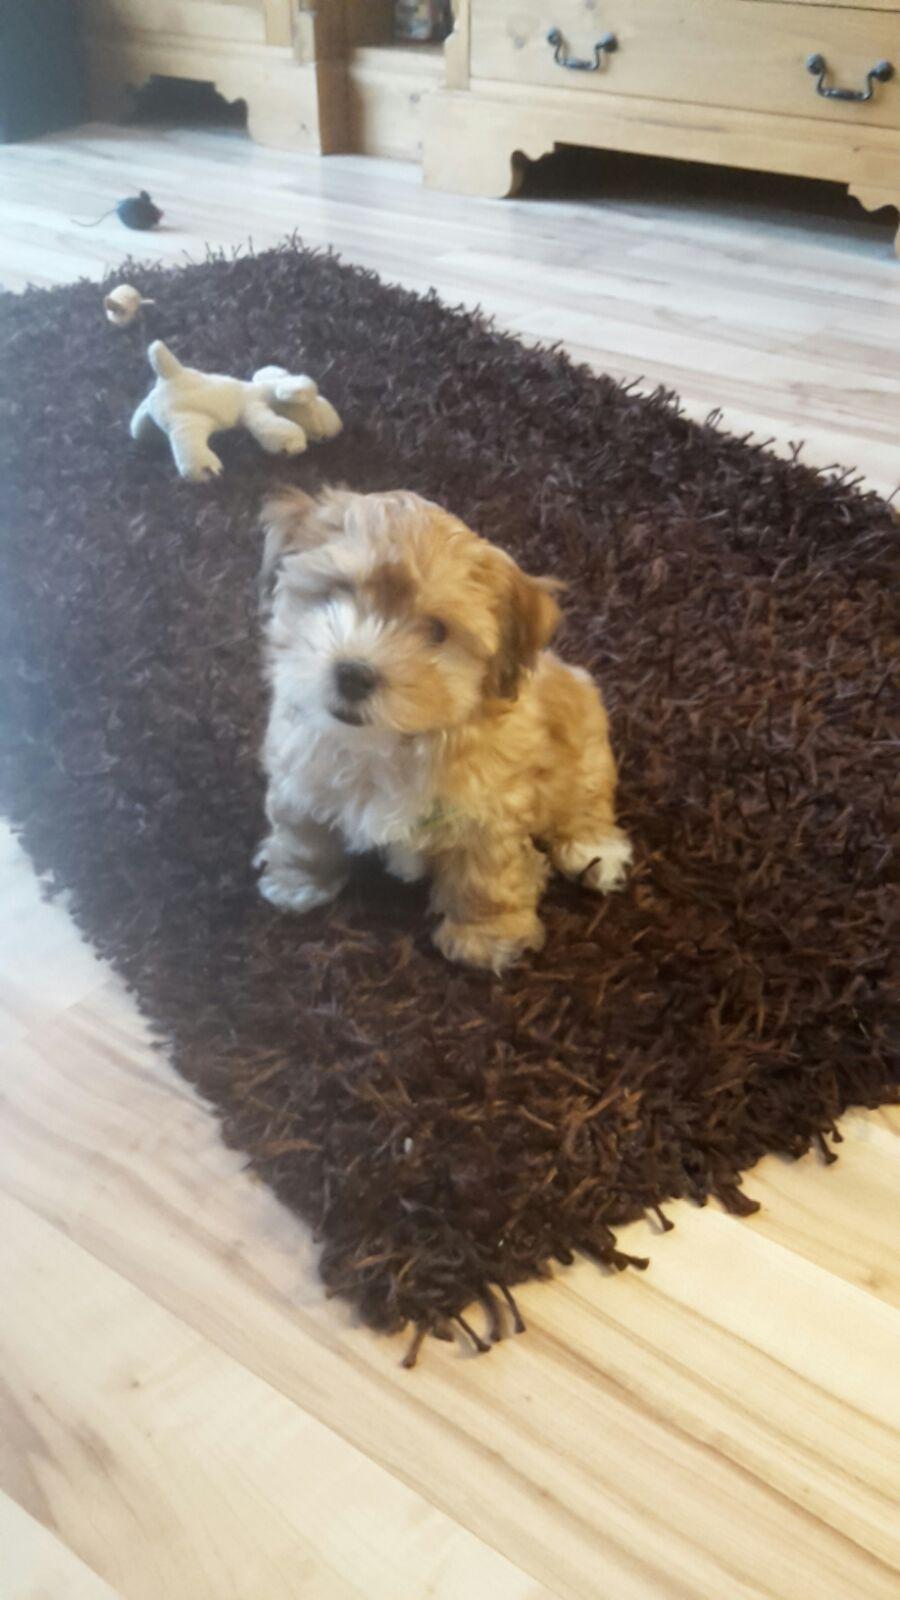 Cookie/ Pepe im neuen Zuhause